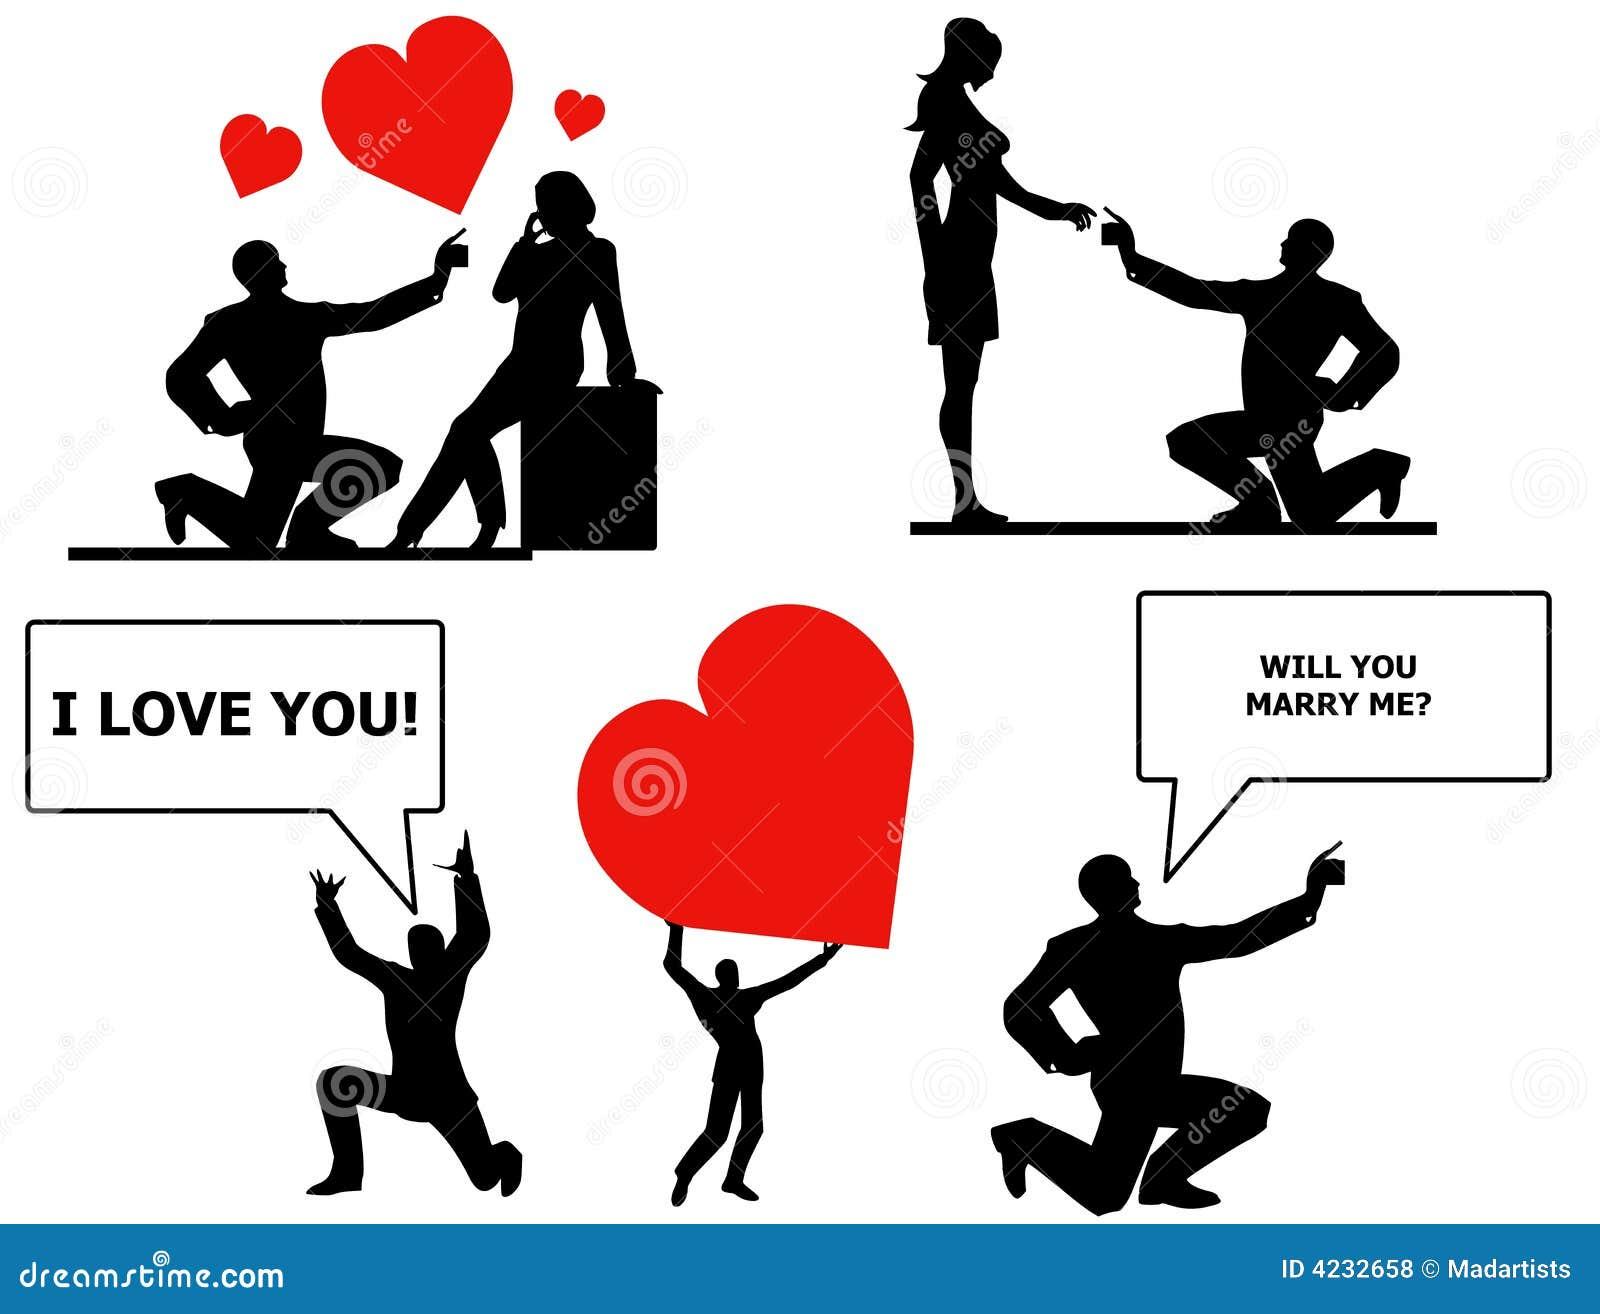 Citaten Love Me : Uitdrukkingen van liefde en huwelijk stock illustratie